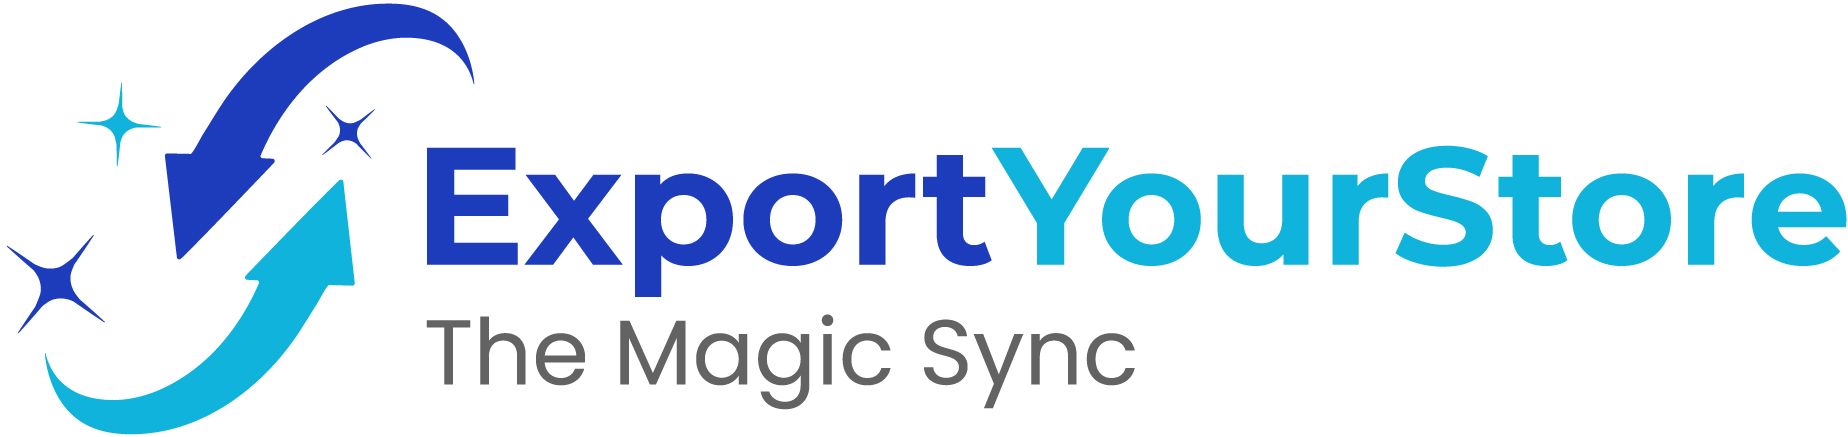 exportyourstore logo